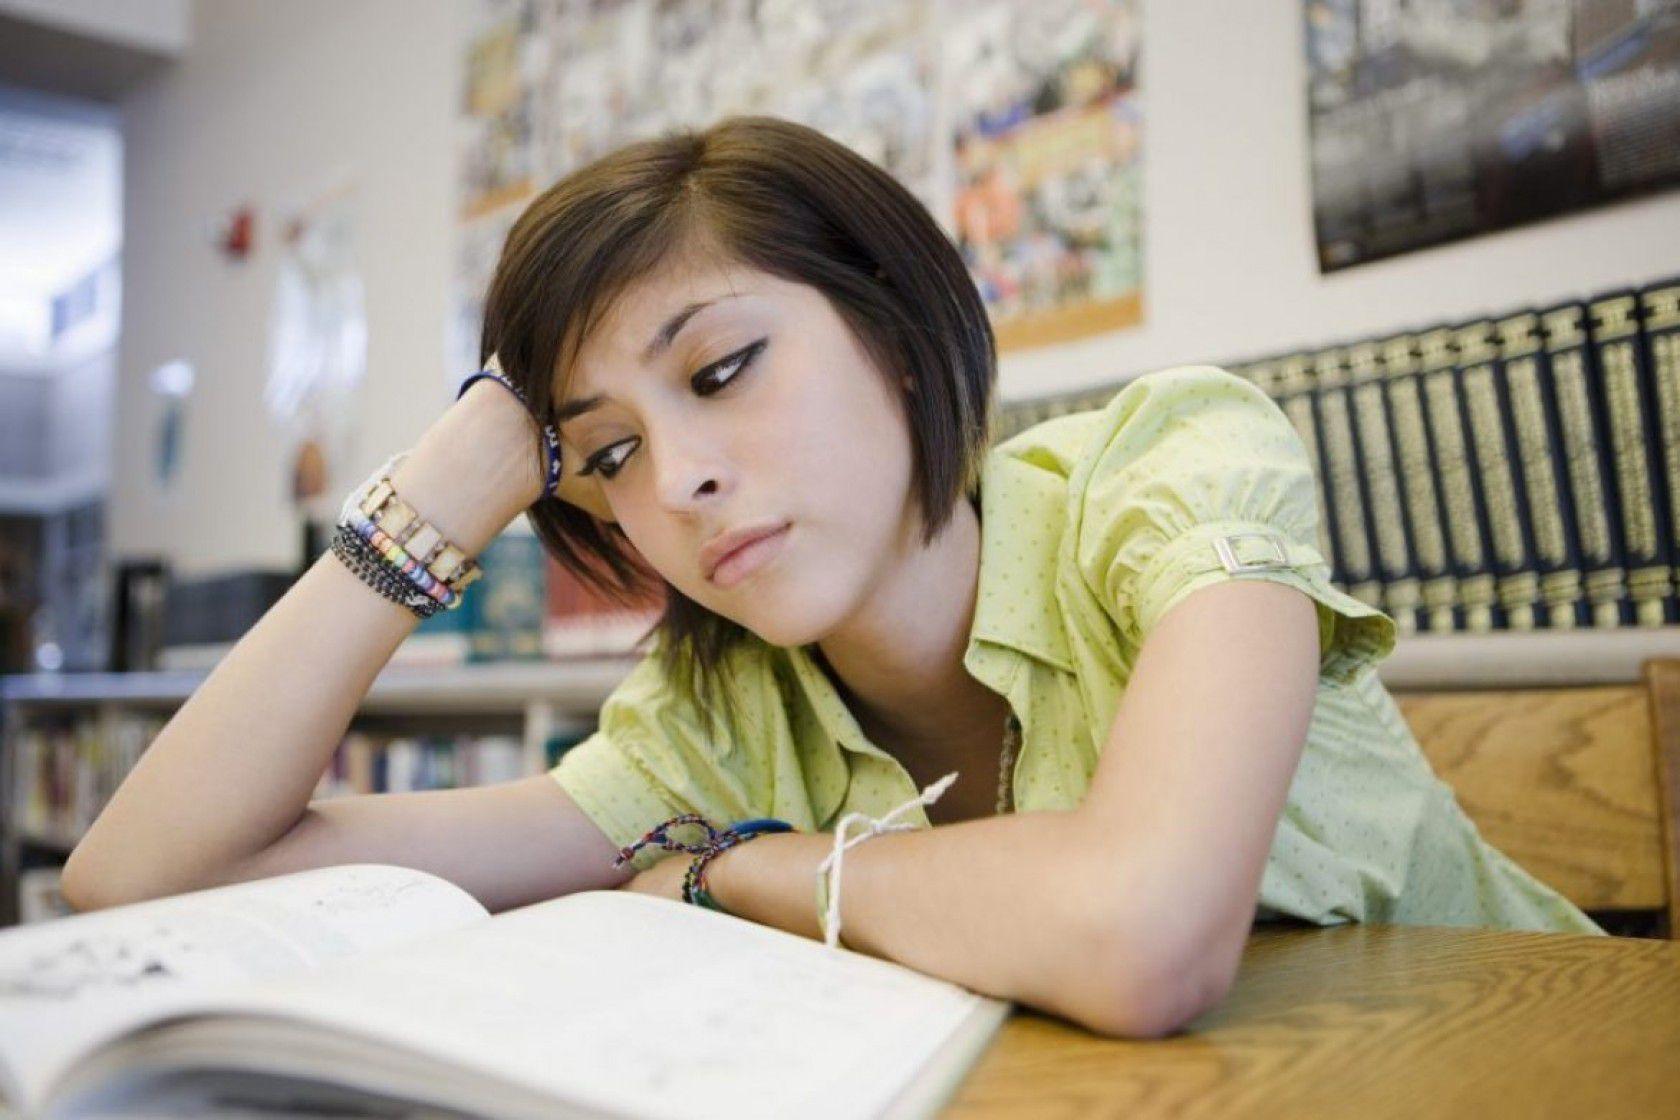 Essay ultimate ders deneme sınavı özel ders paketleri nelerdir?